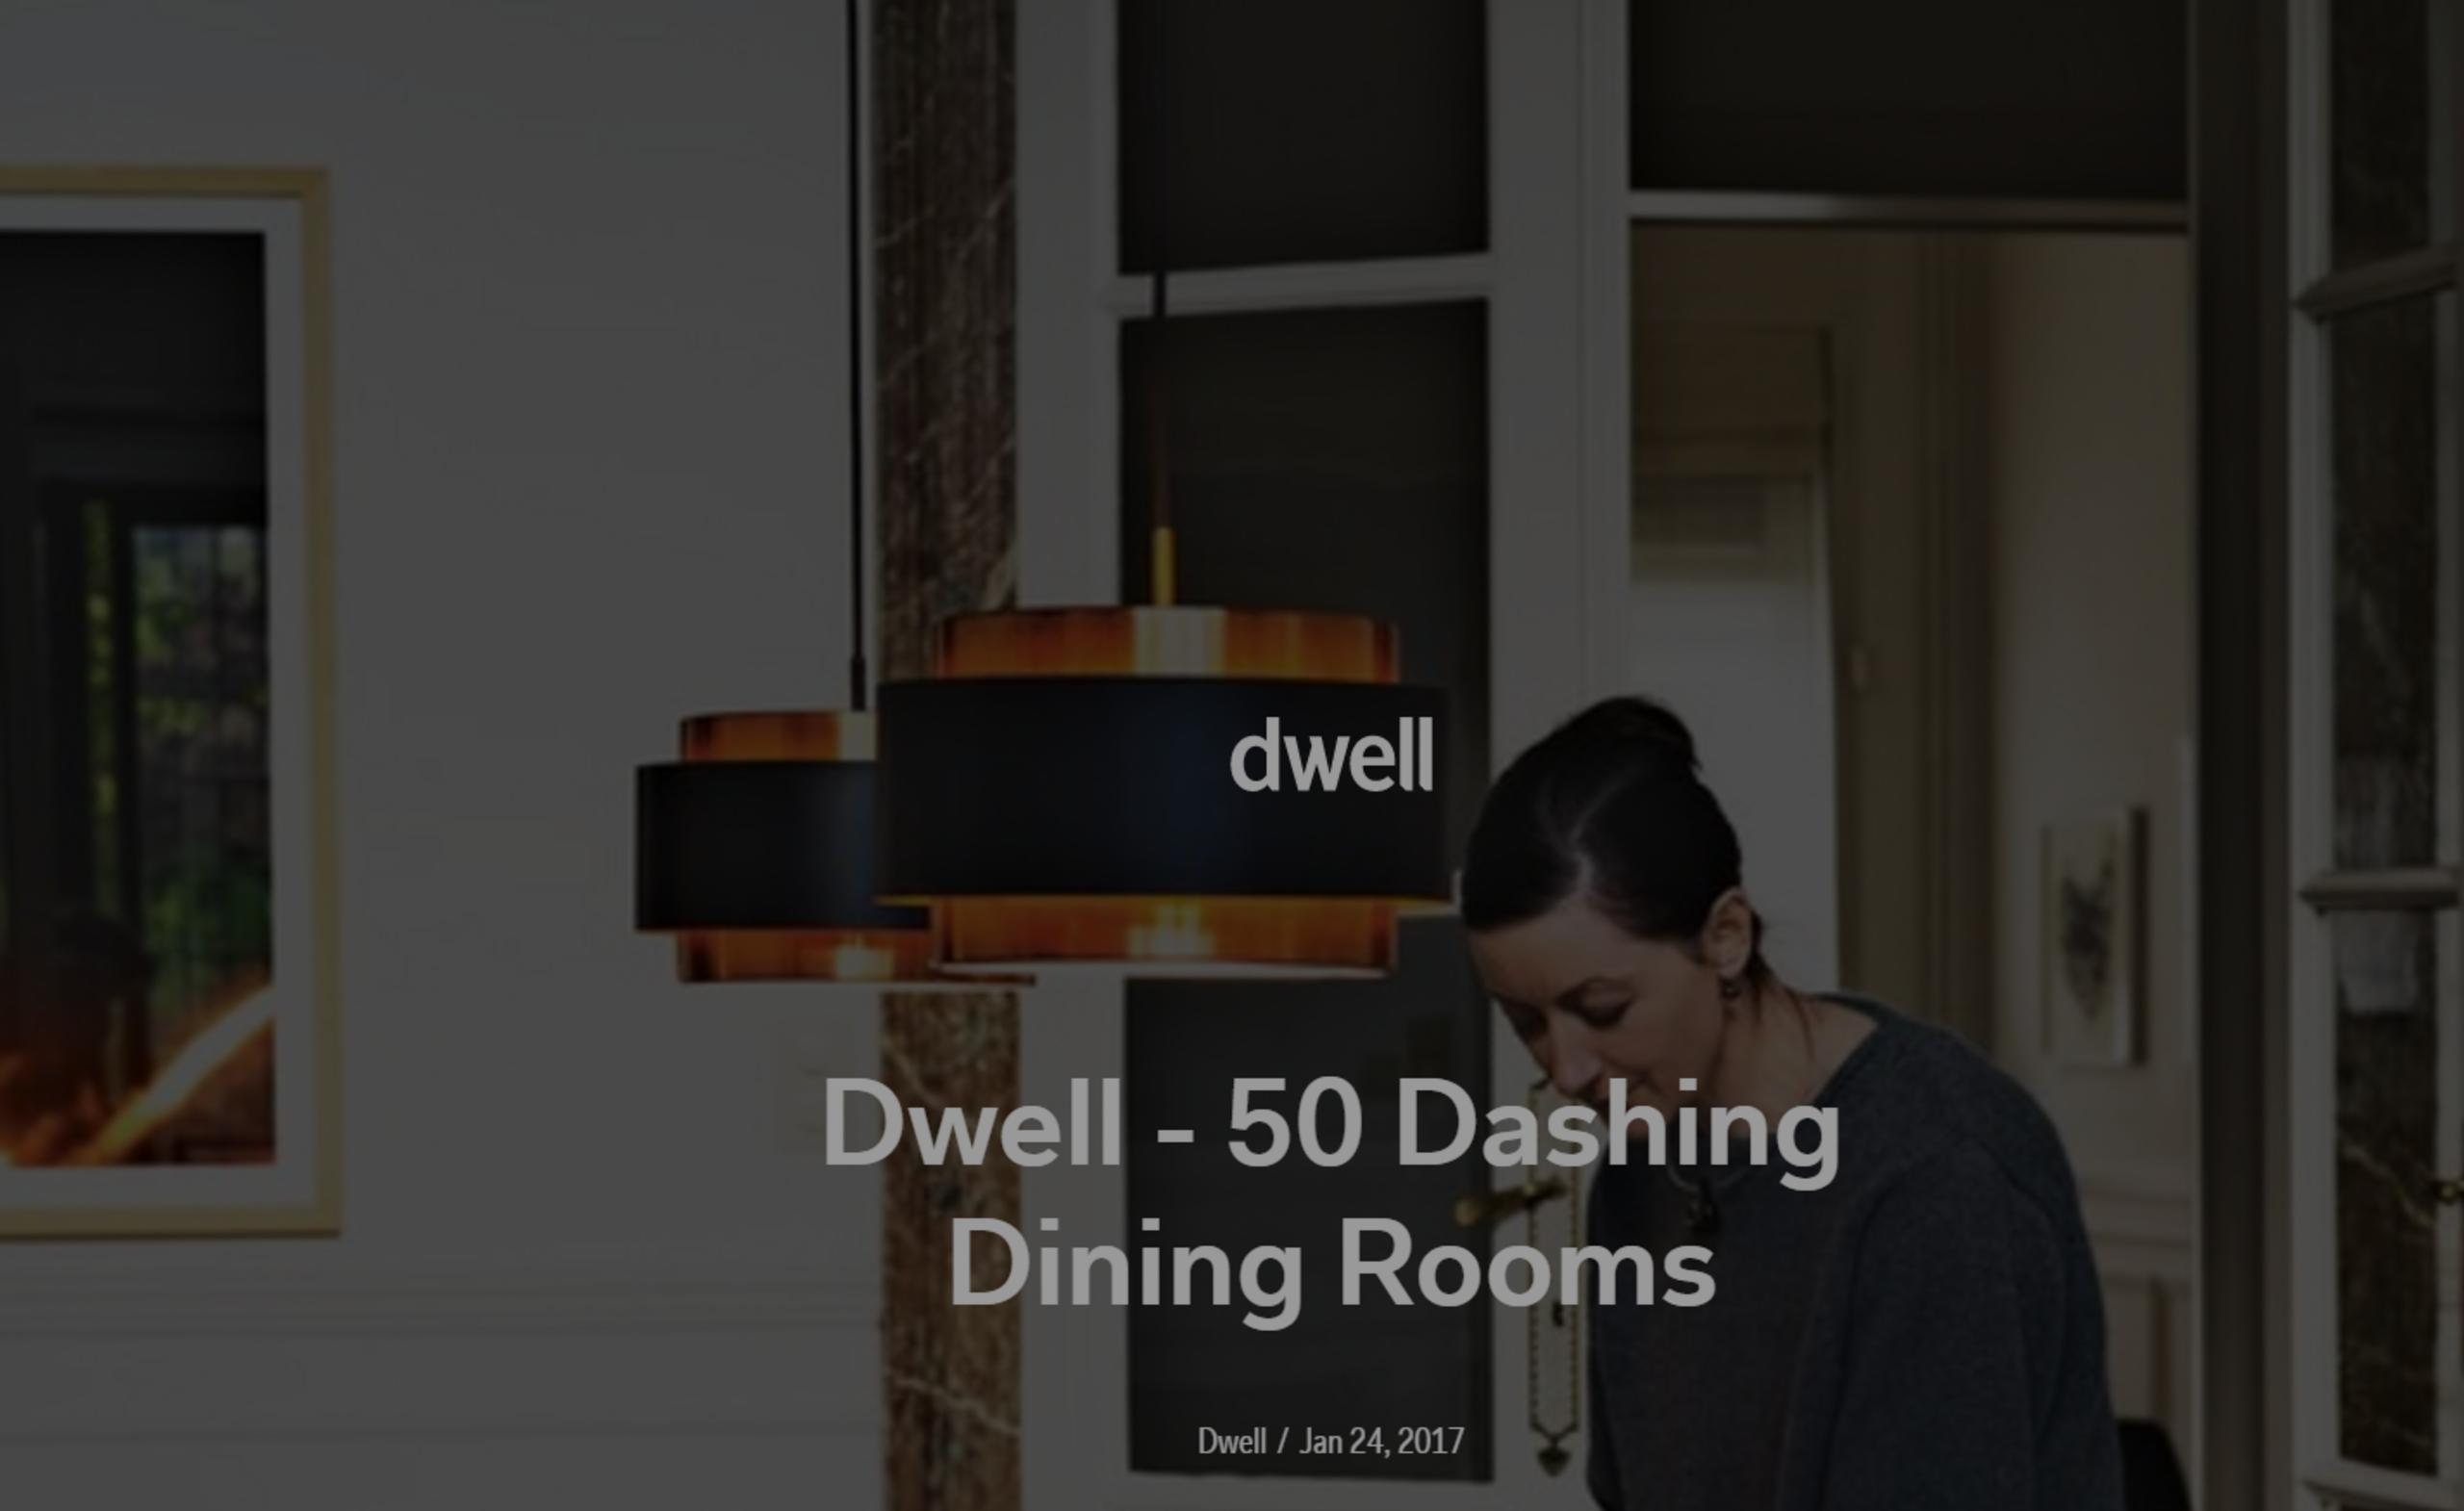 Dwell- 50 Dashing Dining Rooms